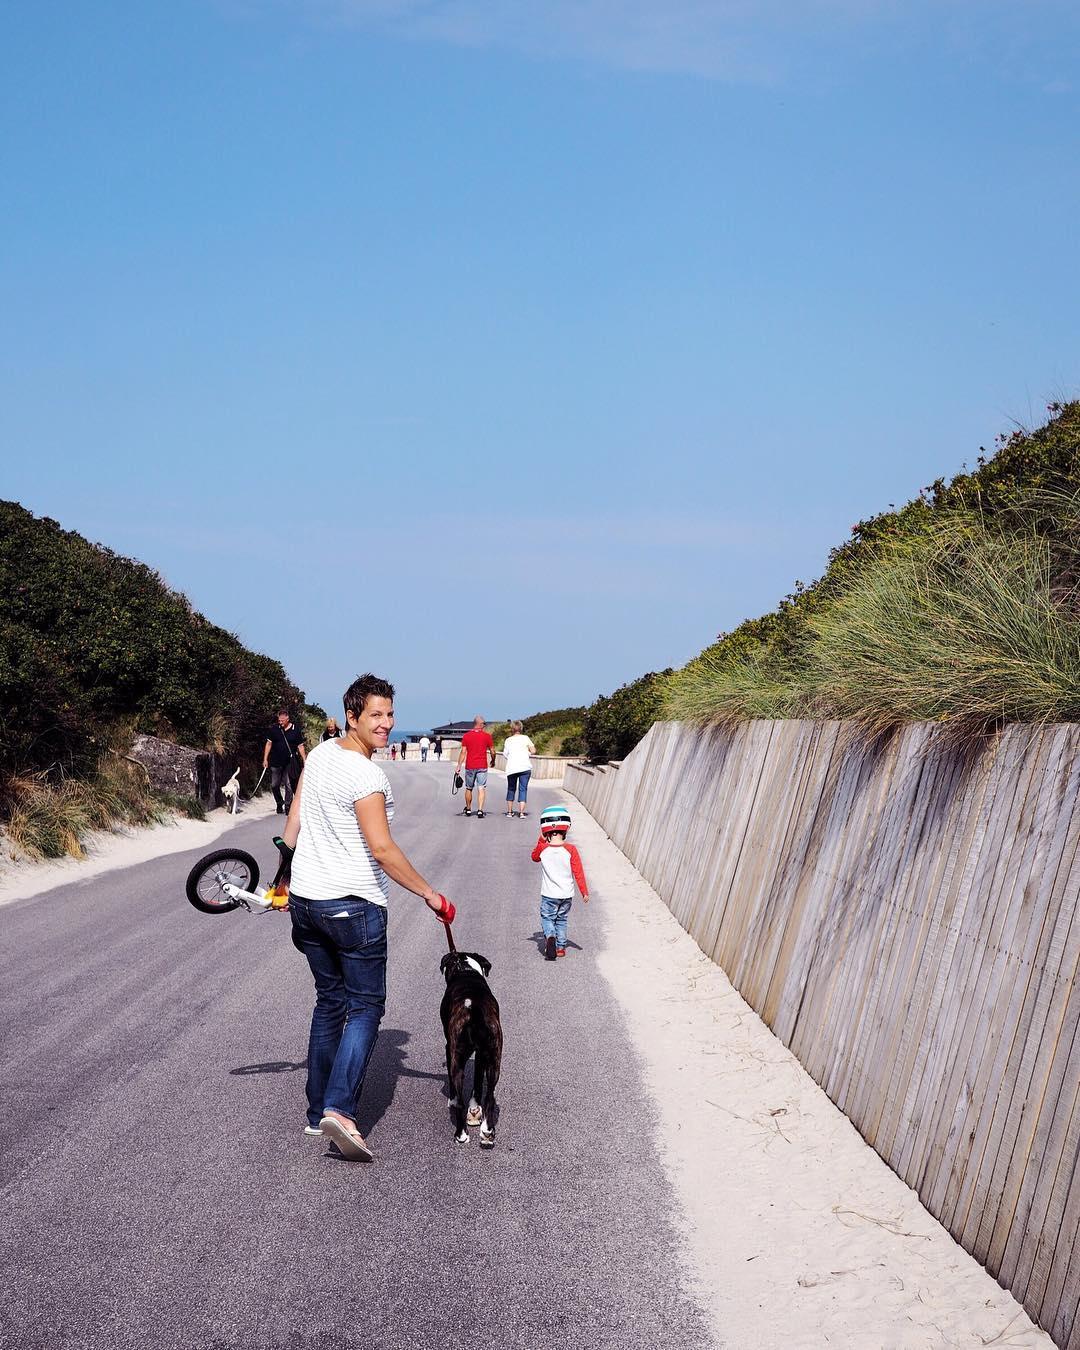 Mit Kindern am Strand - Hundestrand Dänemark Familienurlaub in Henne Strand